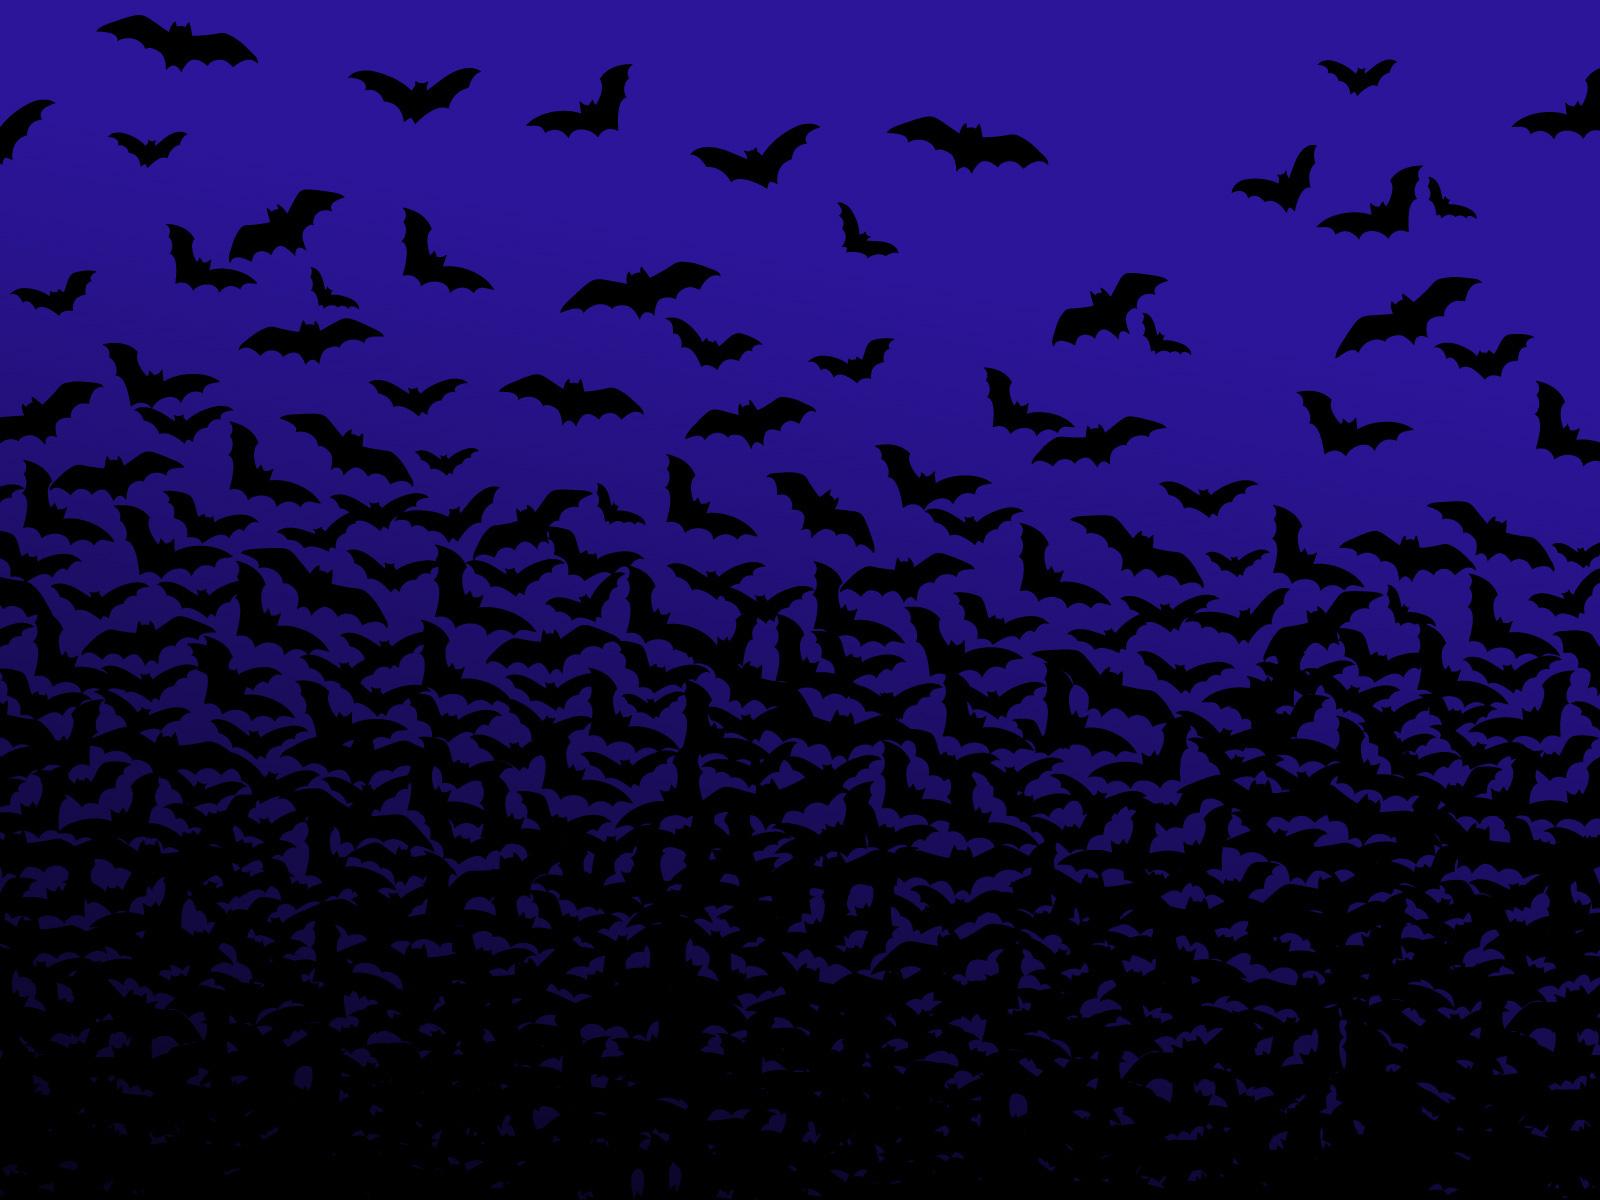 Halloween Bats Wallpaper